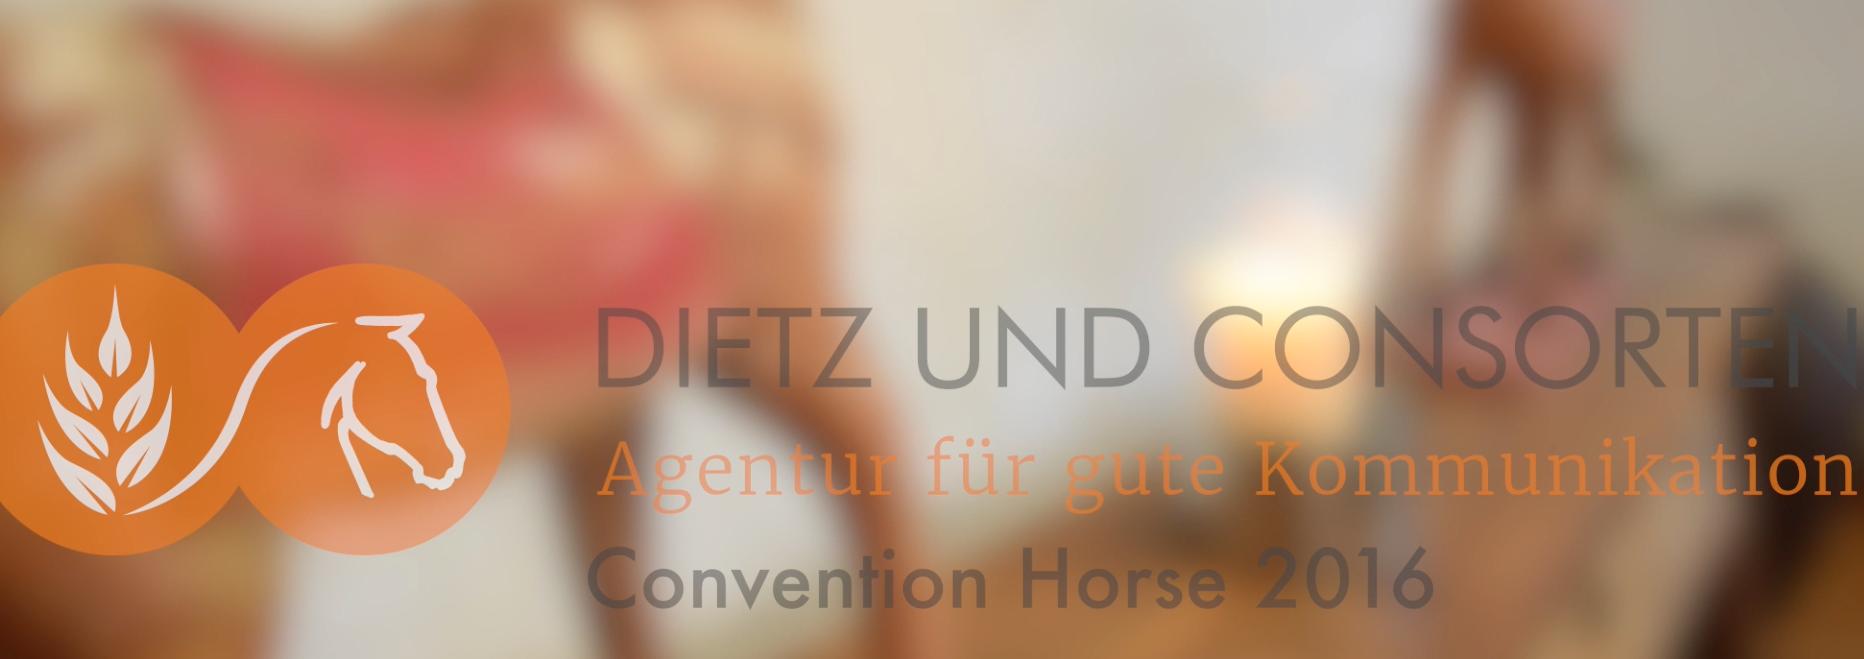 Die Vorträge der Referenten zur Dietz & Consorten Convention Horse 2016 sind jetzt online verfügbar - Featured Image